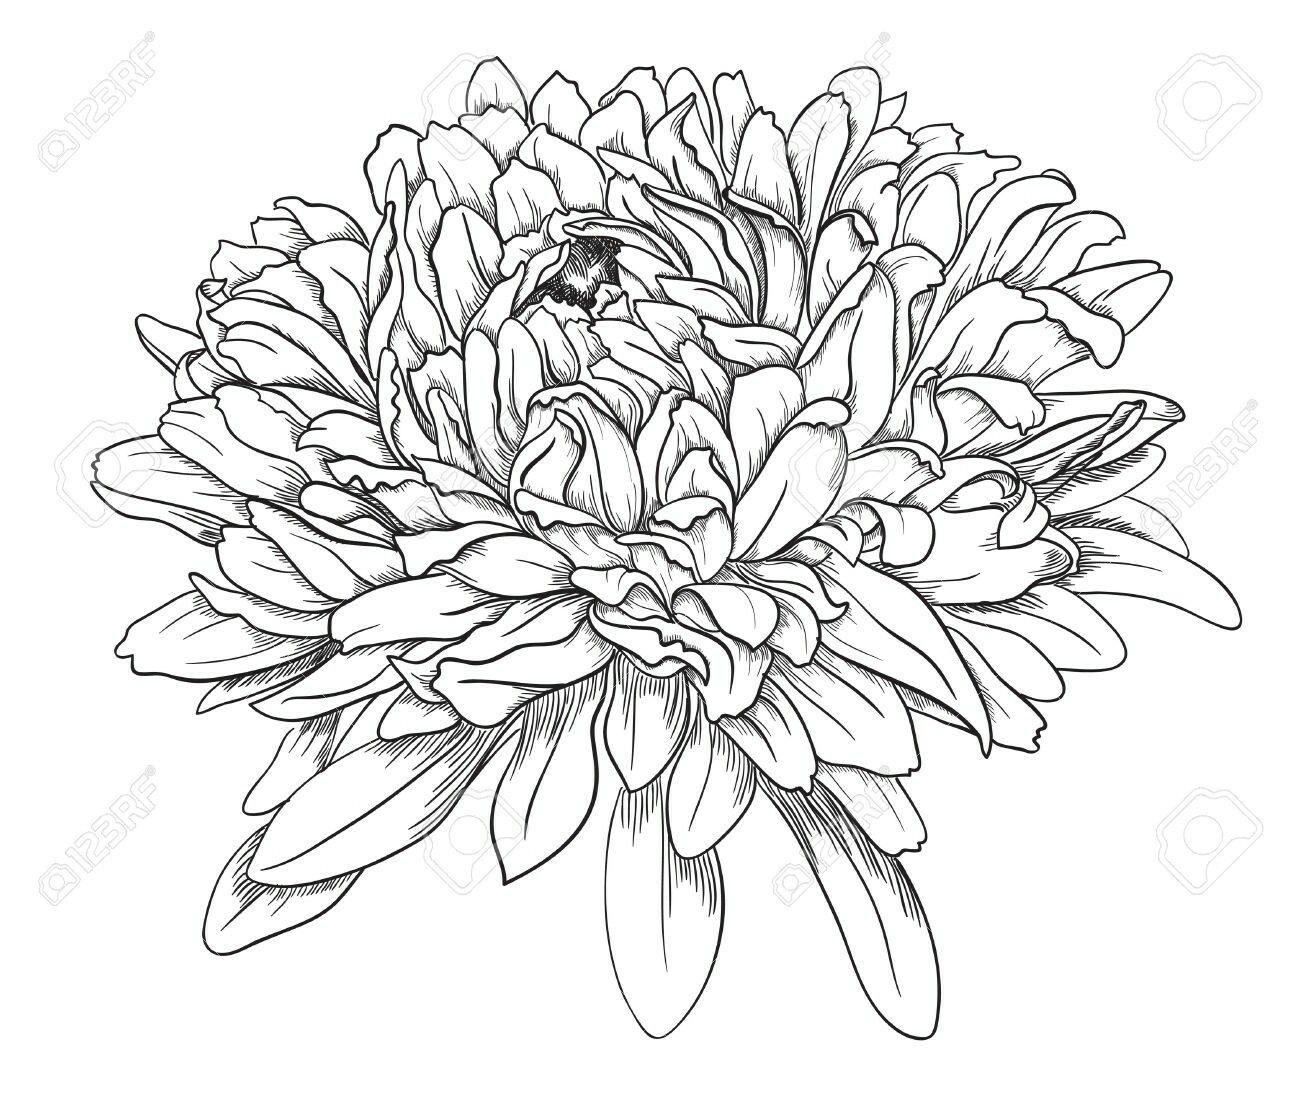 Aster September birth flowers for tat Pinterest